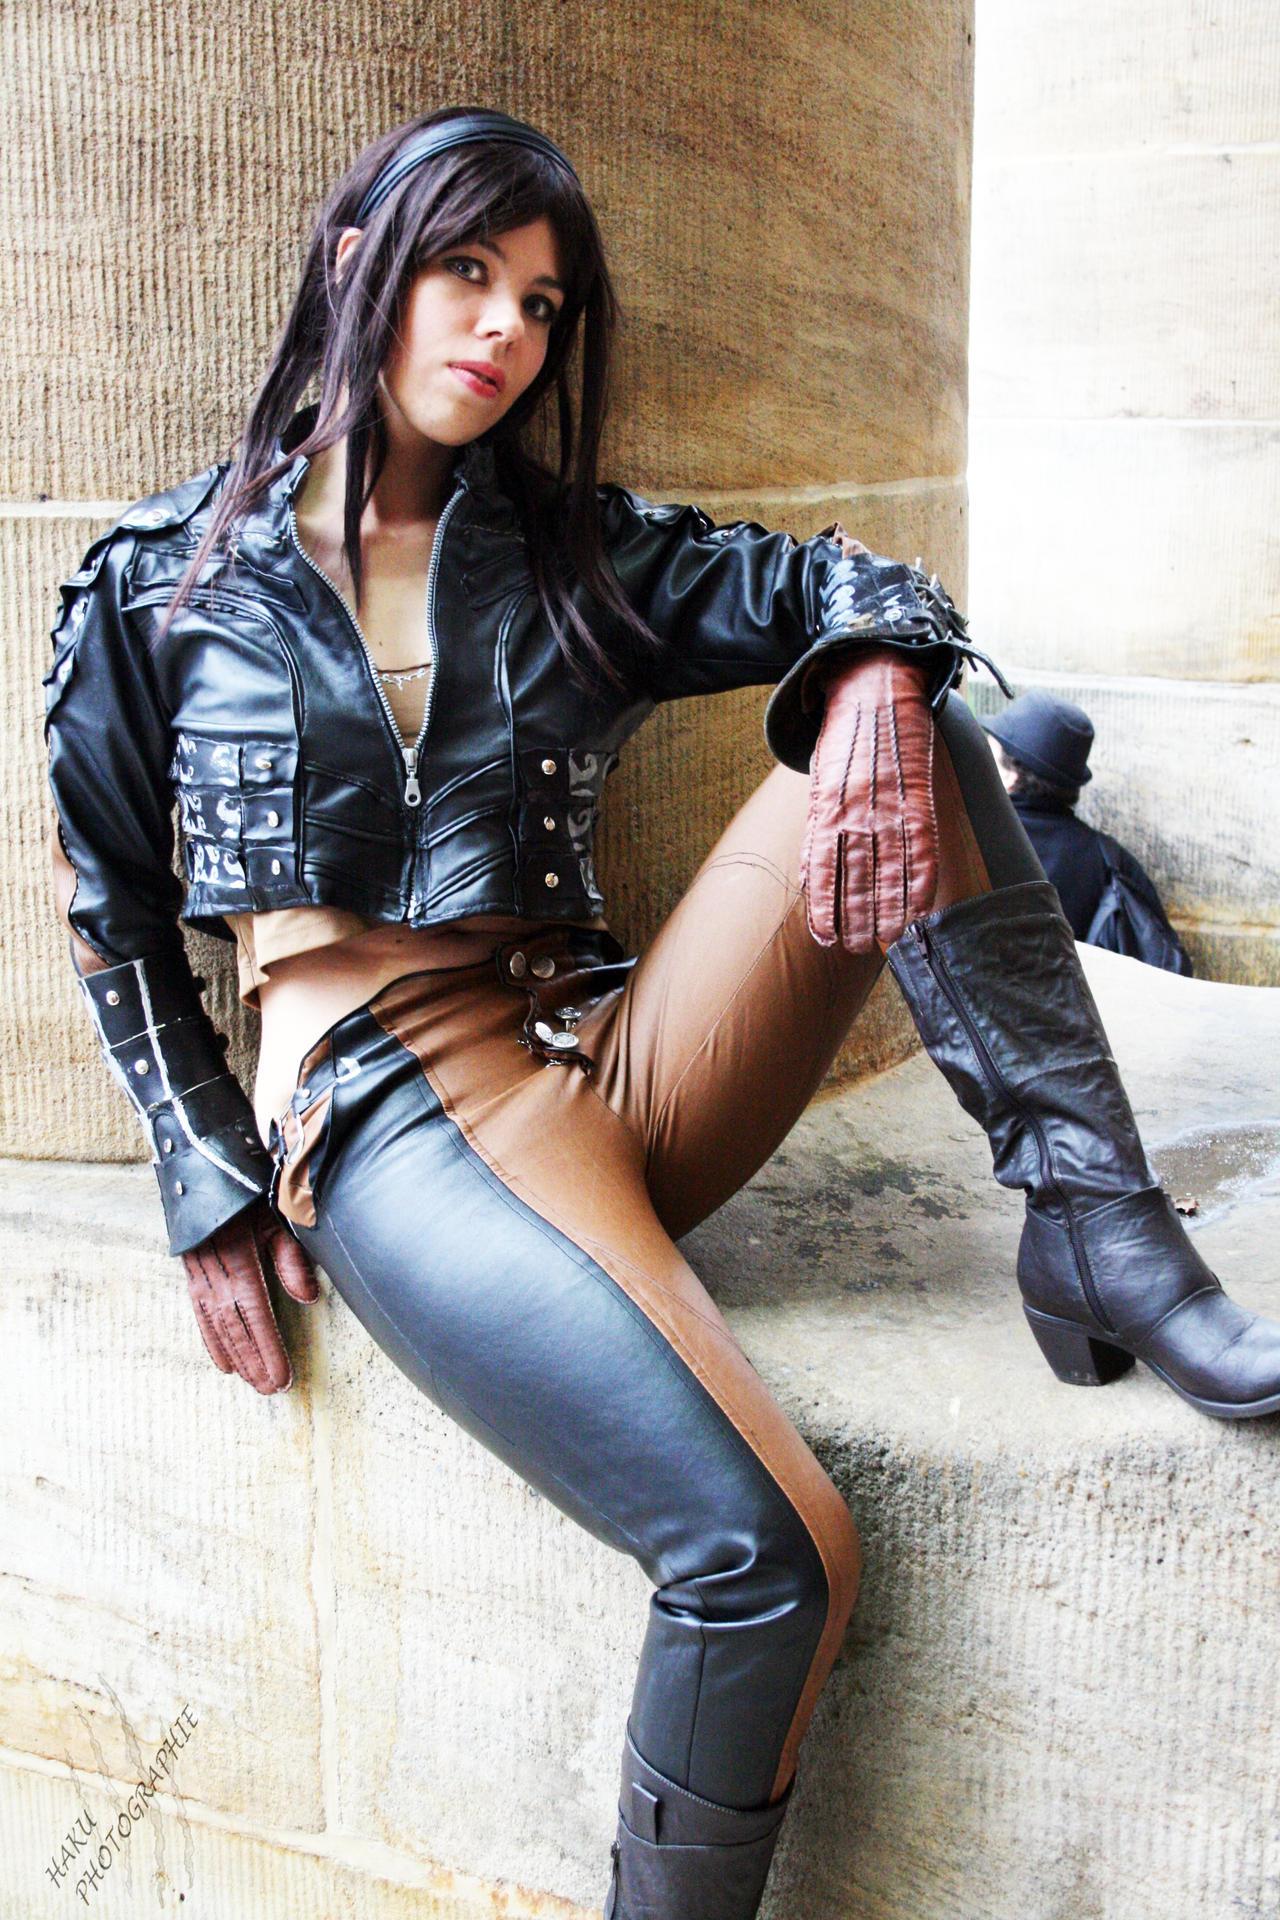 Katrina Bowden Hot Photos  Ranker